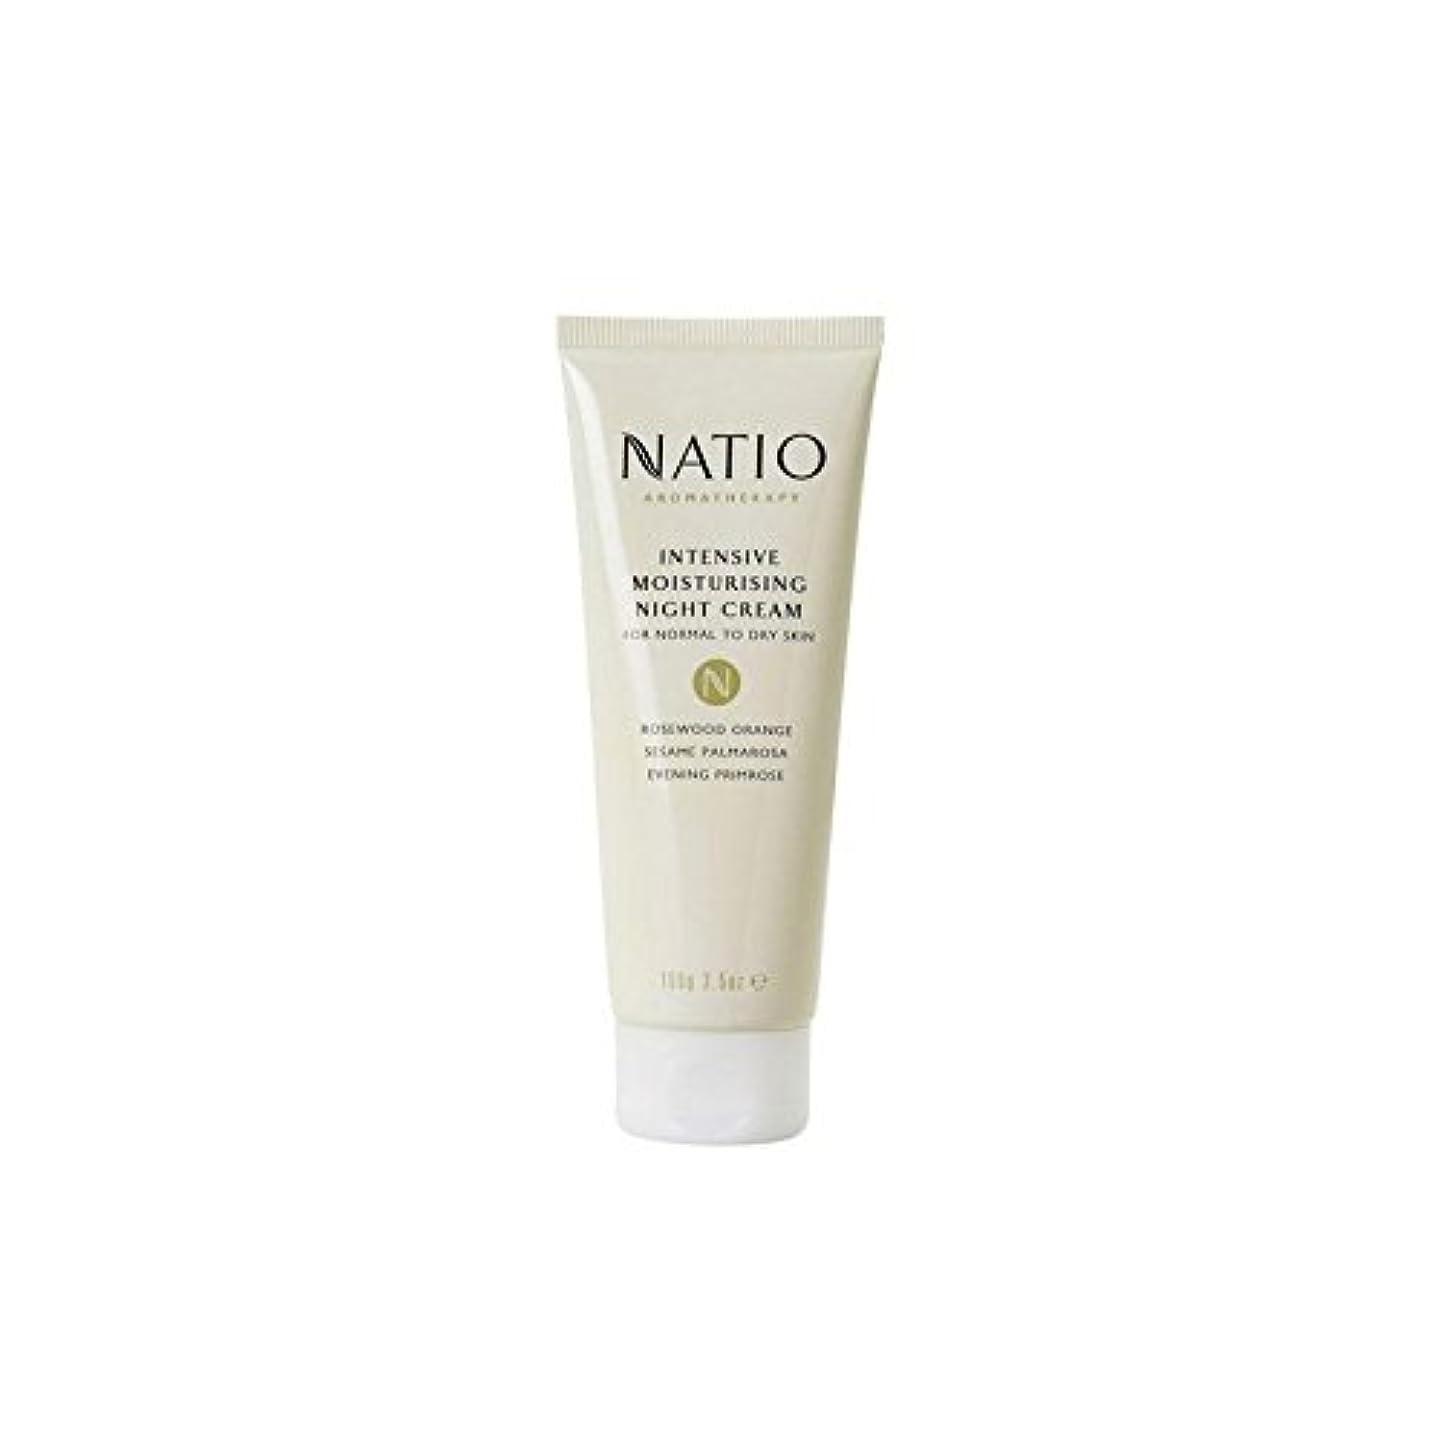 ロープガイド望ましい集中的な保湿ナイトクリーム(100グラム) x4 - Natio Intensive Moisturising Night Cream (100G) (Pack of 4) [並行輸入品]